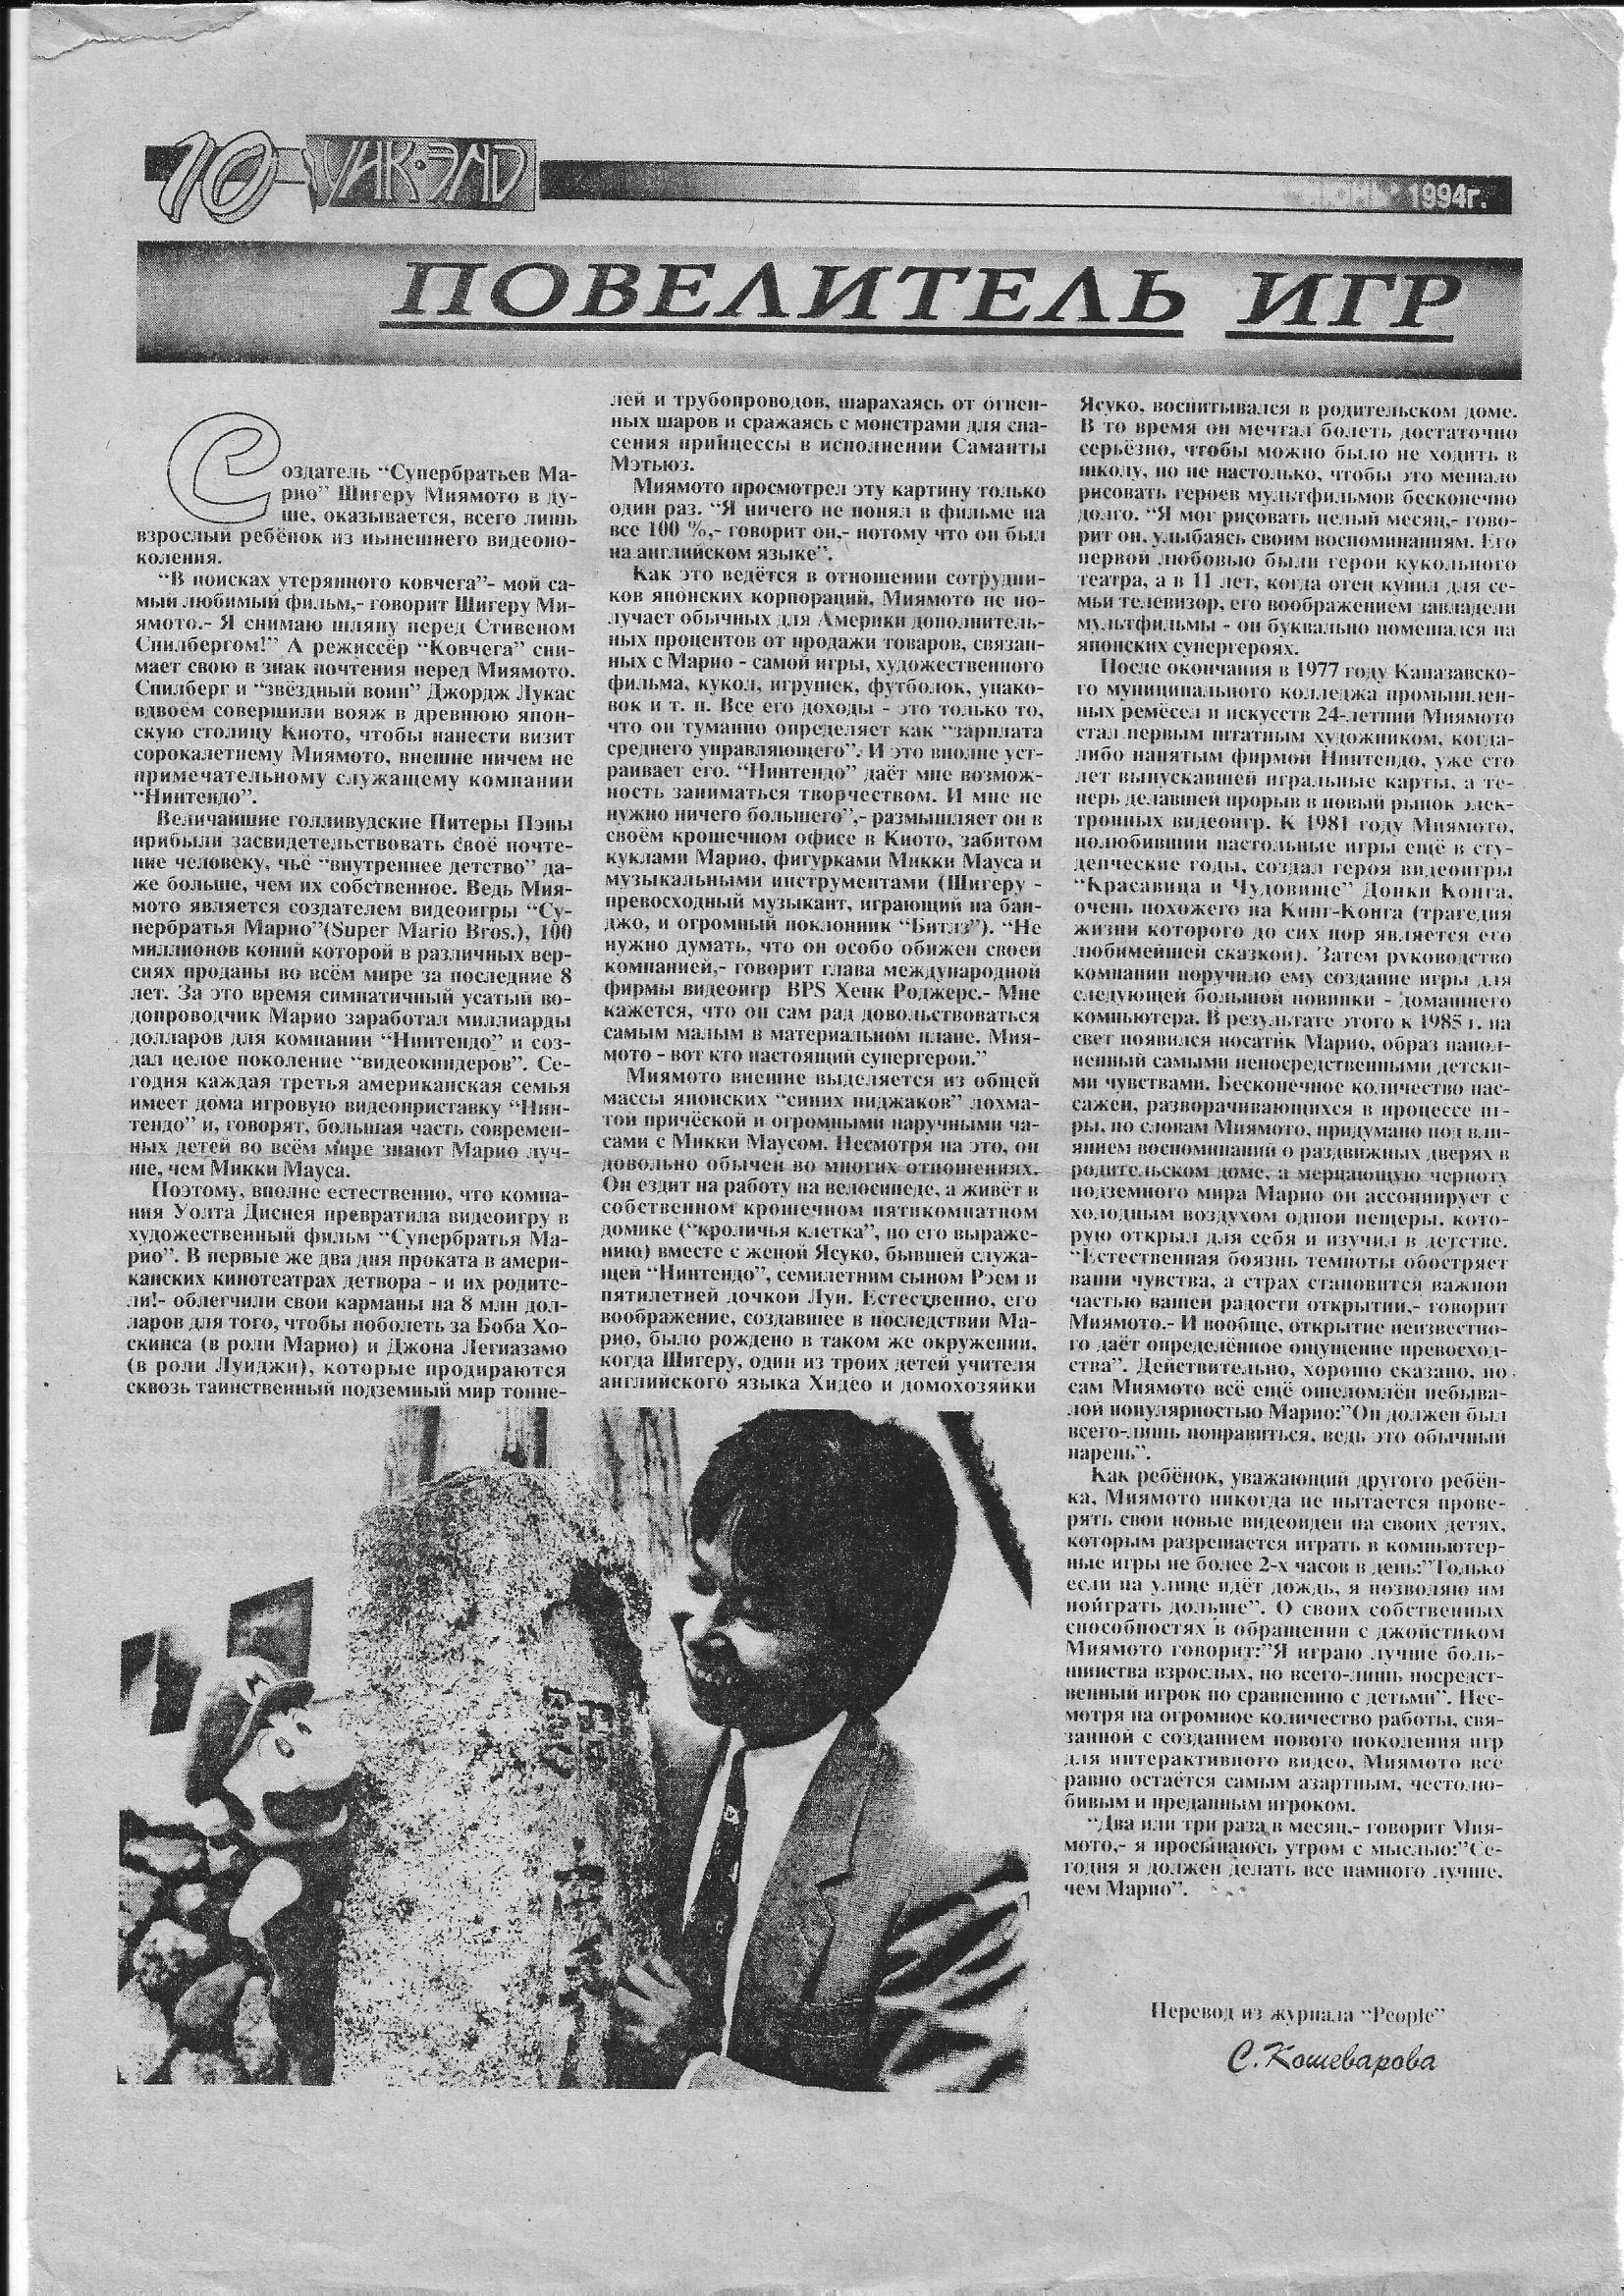 Вырезка из газеты Уик-Энд 1994-го года. Статья о создателе Марио, время догеймкубовское.  Полная версия скана на htt ... - Изображение 1